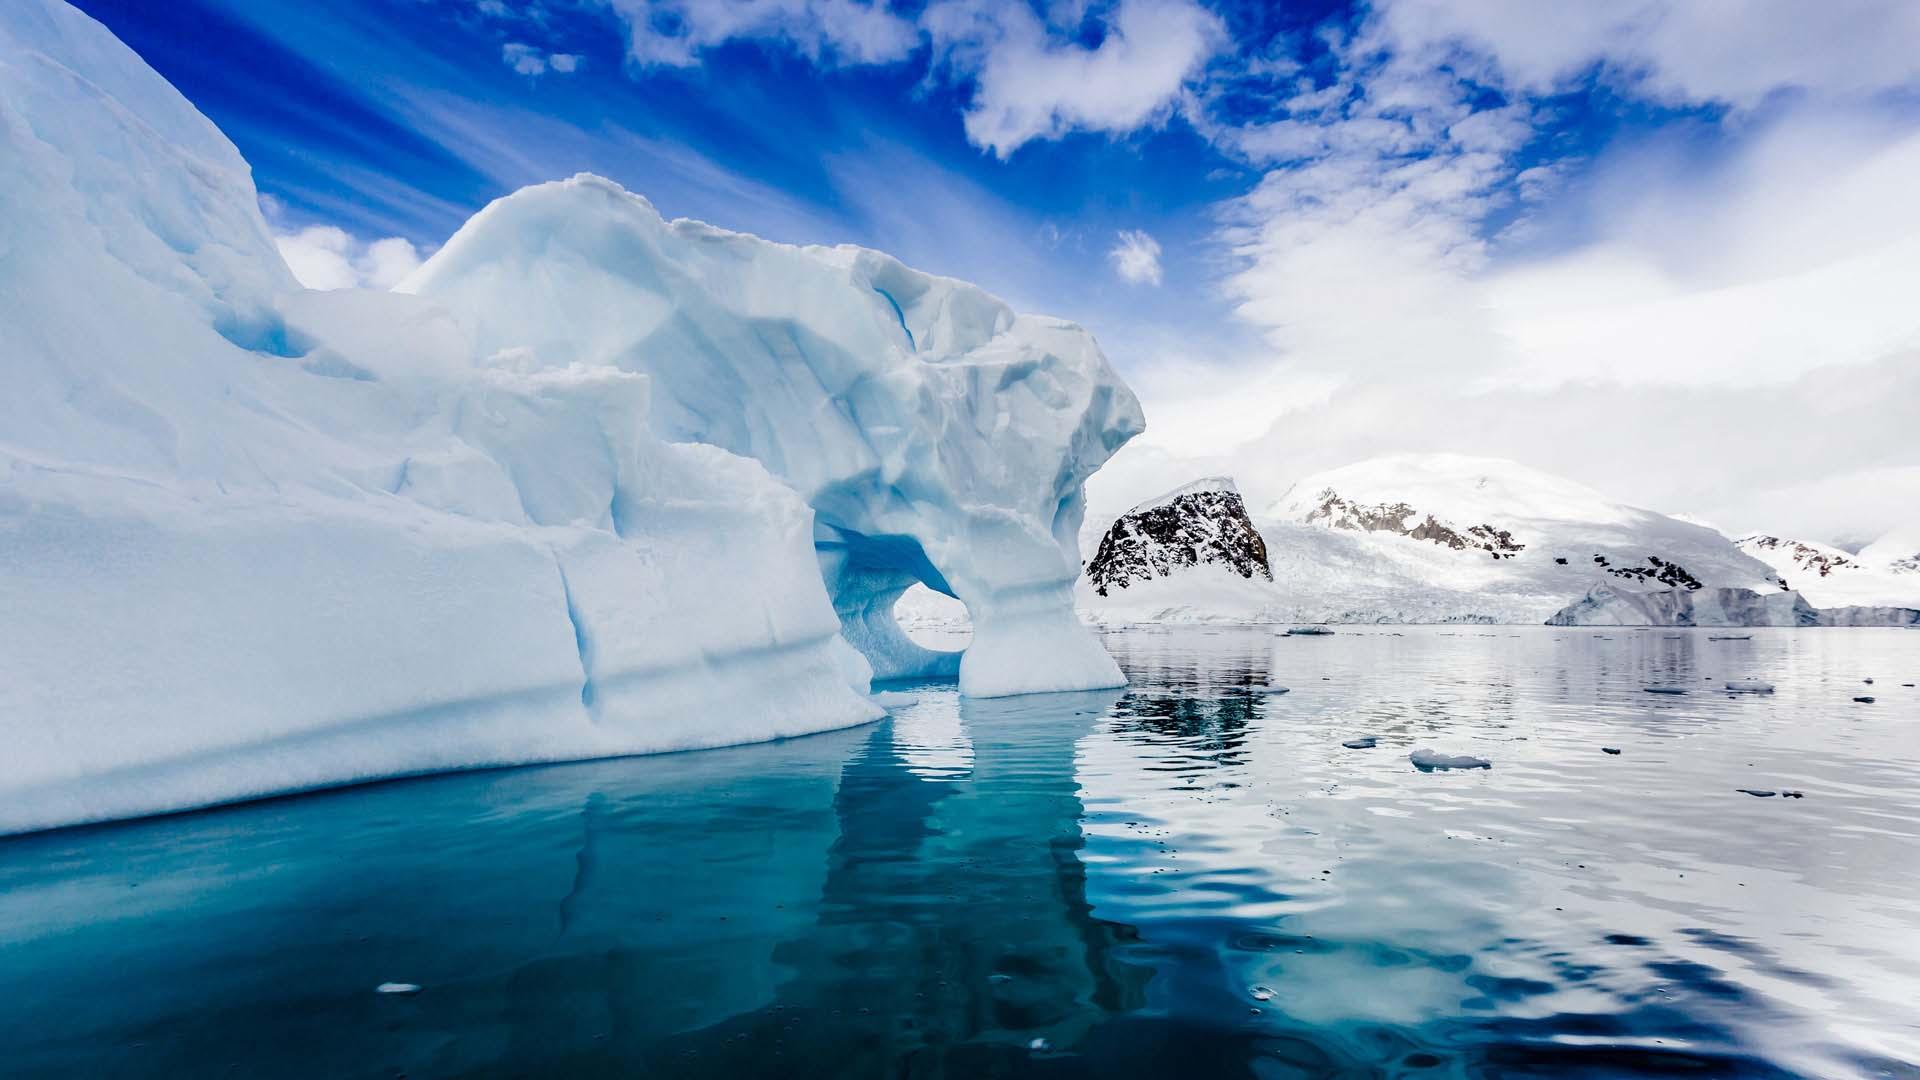 Сьогодні українська наукова експедиція вирушила до Антарктики